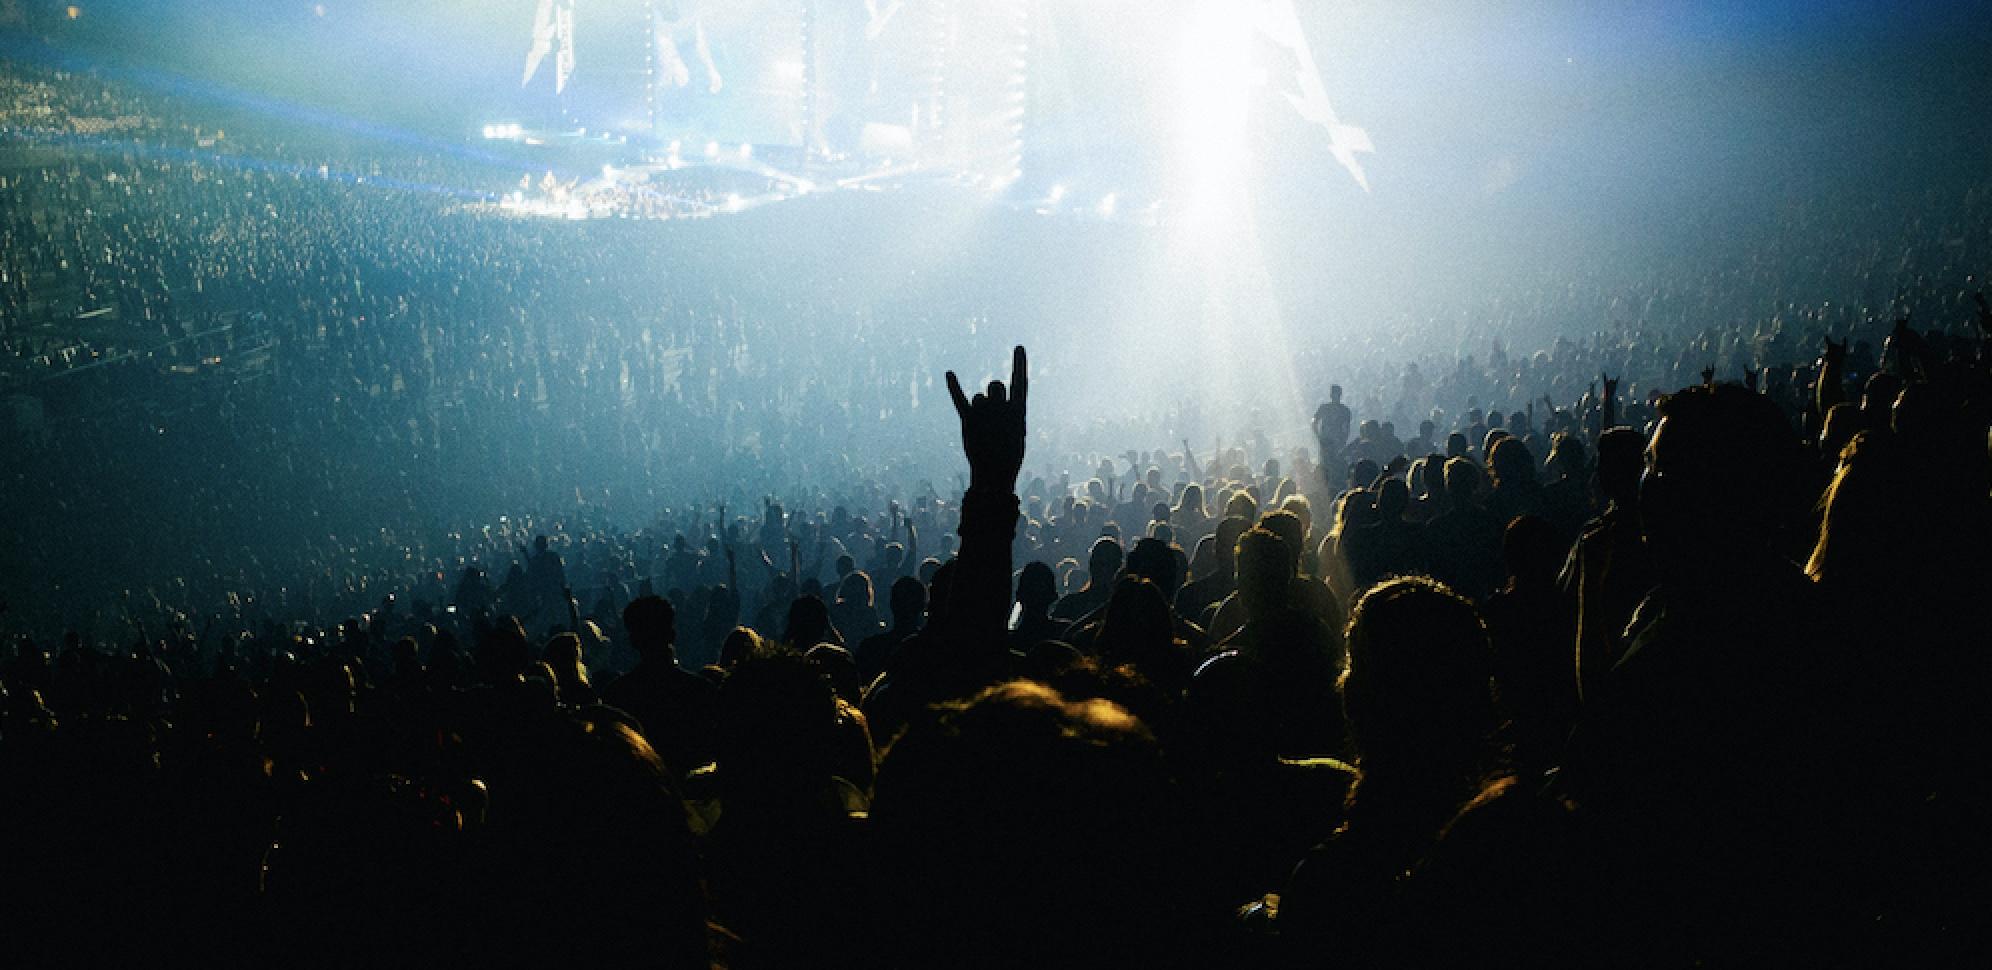 concert.jpeg